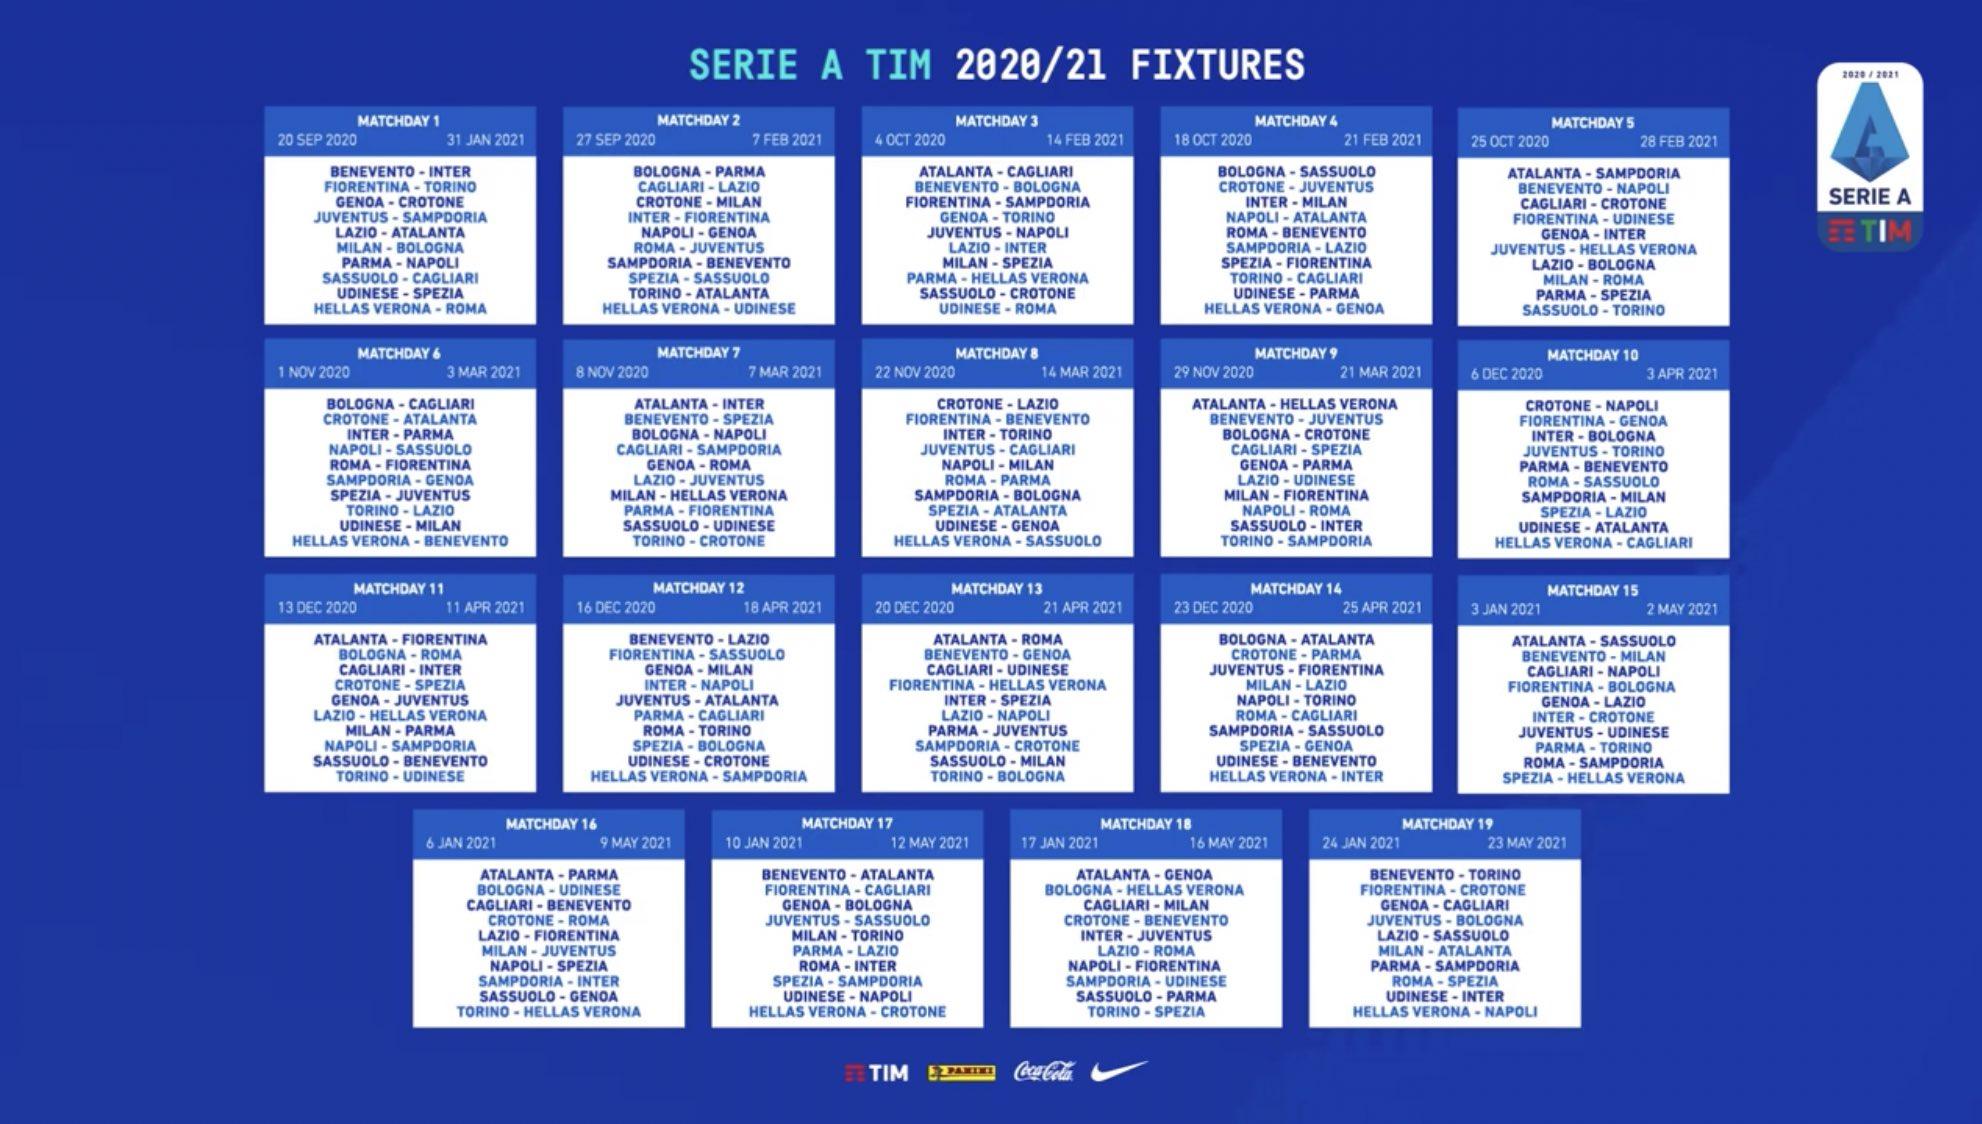 Serie A 2020/21, il calendario completo con tutte le partite